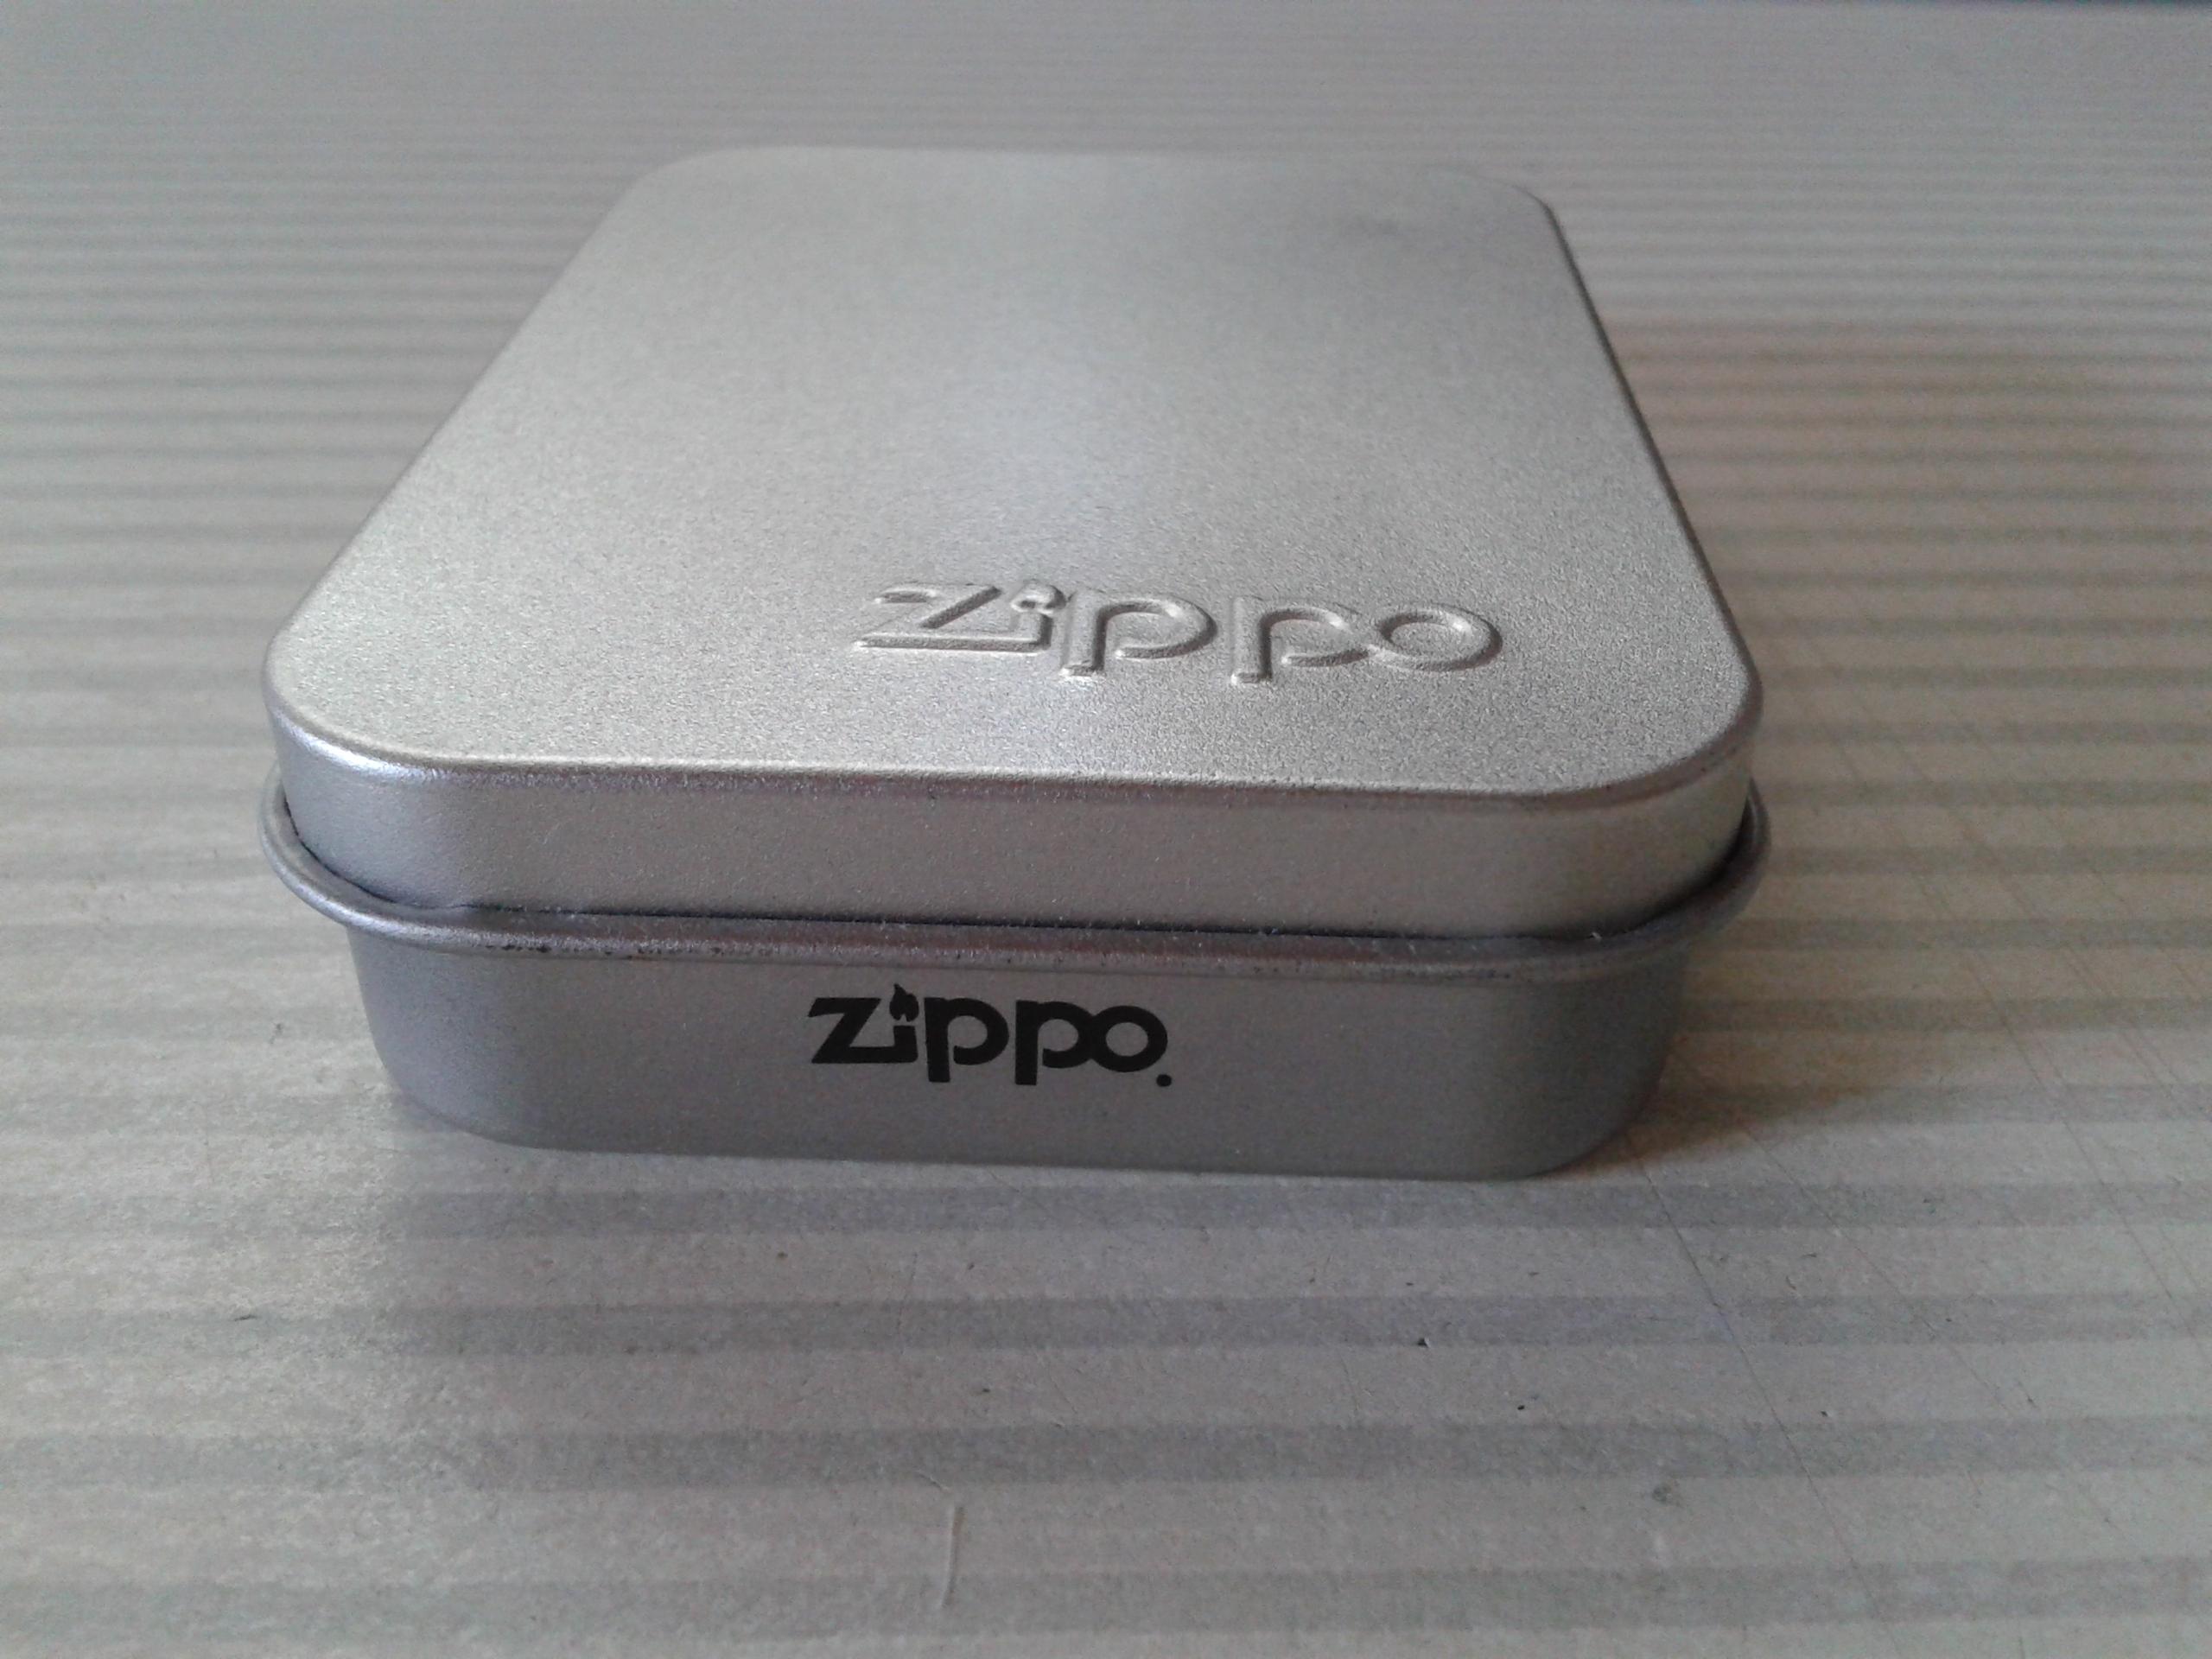 Les boites Zippo au fil du temps - Page 2 412756Windproof3